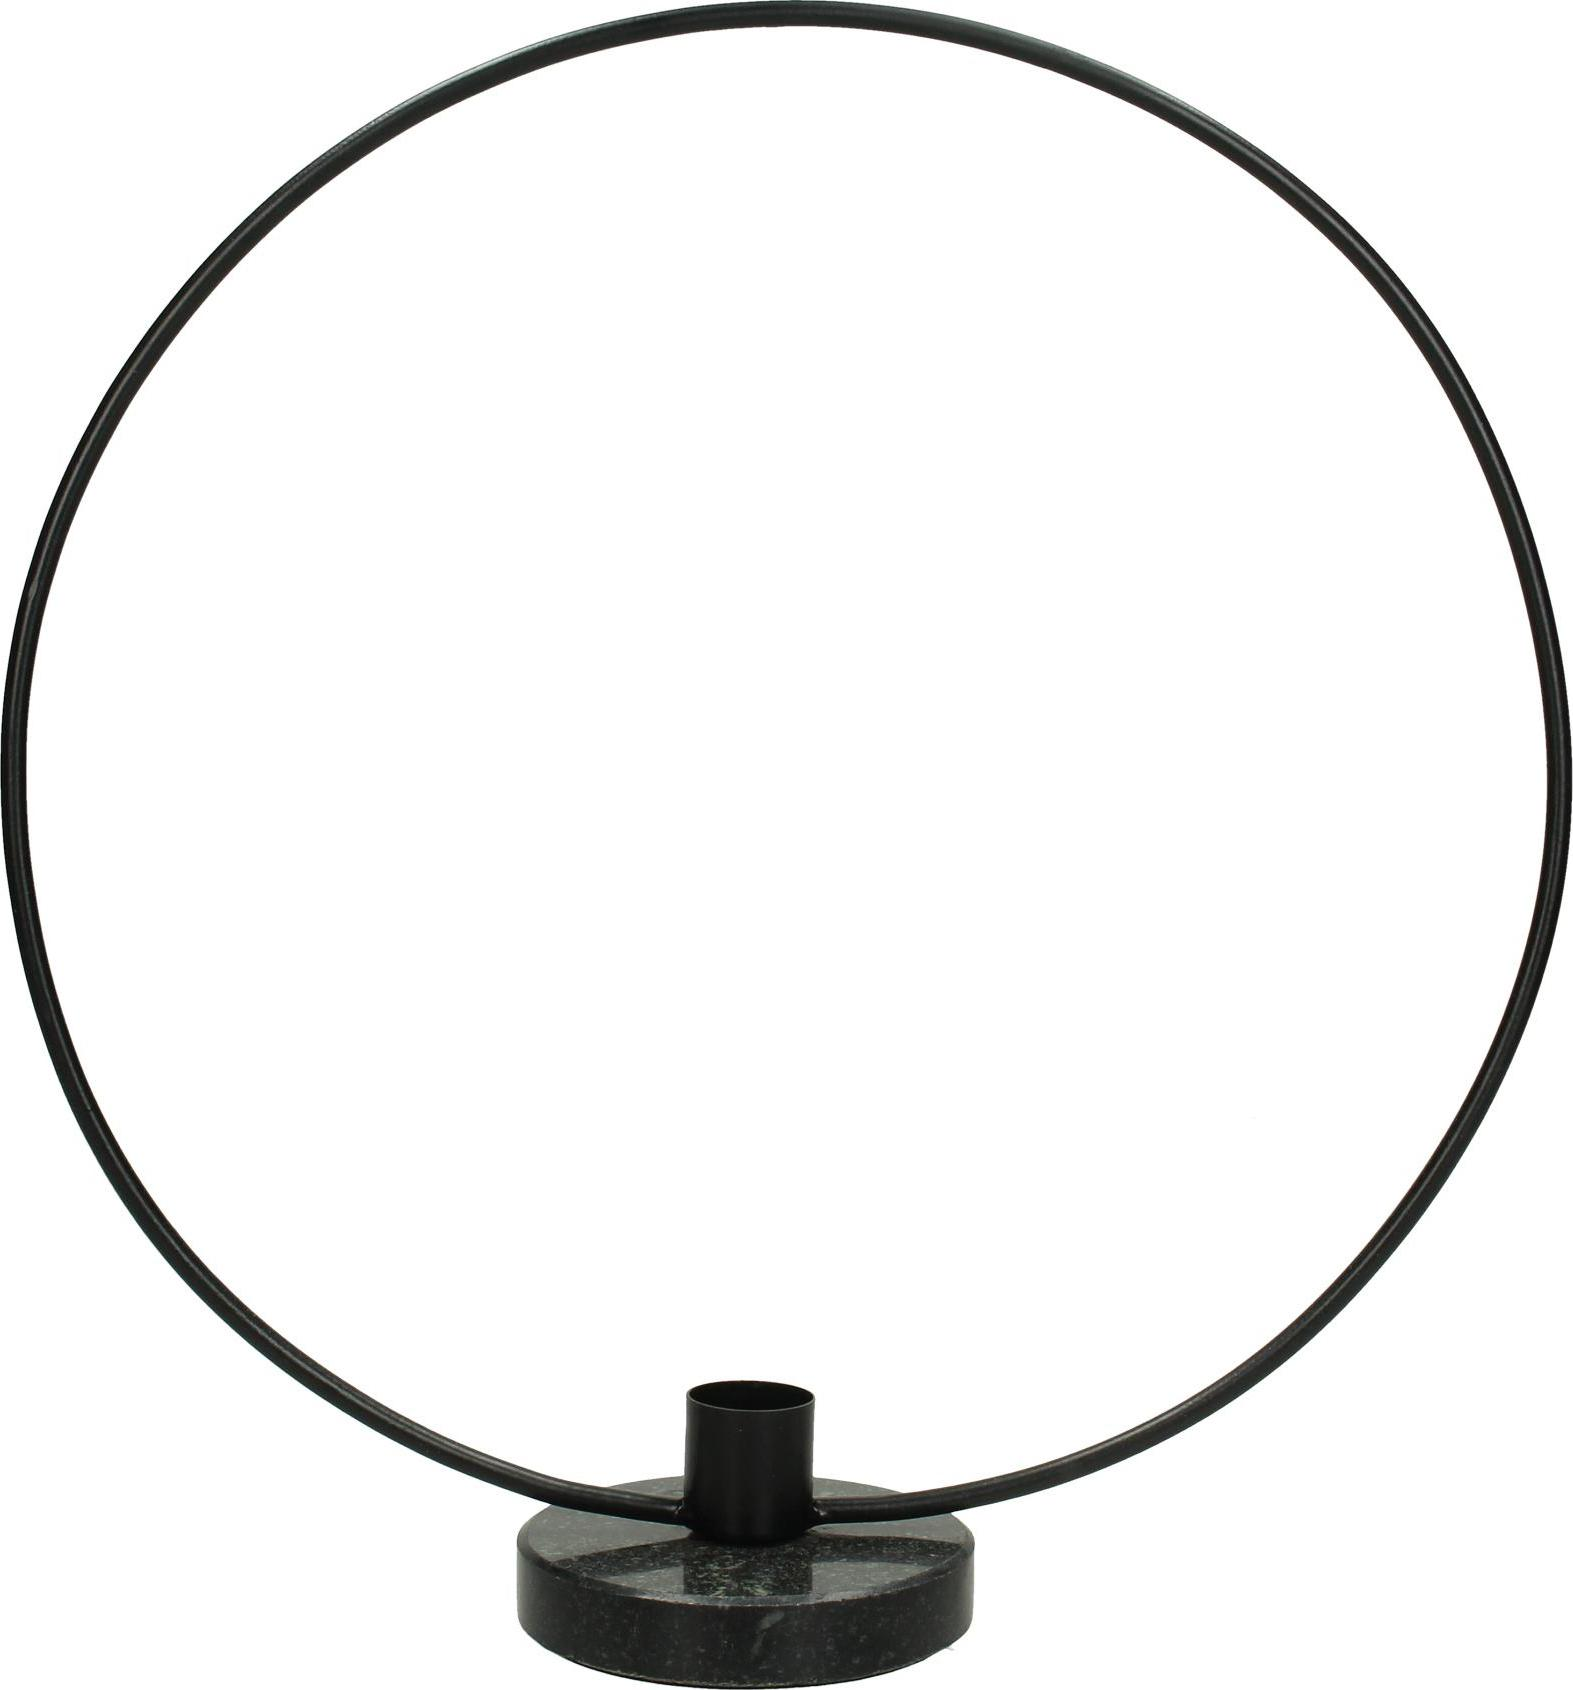 Kandelaar Wrights, Gecoat metaal, Zwart, 28 x 30 cm